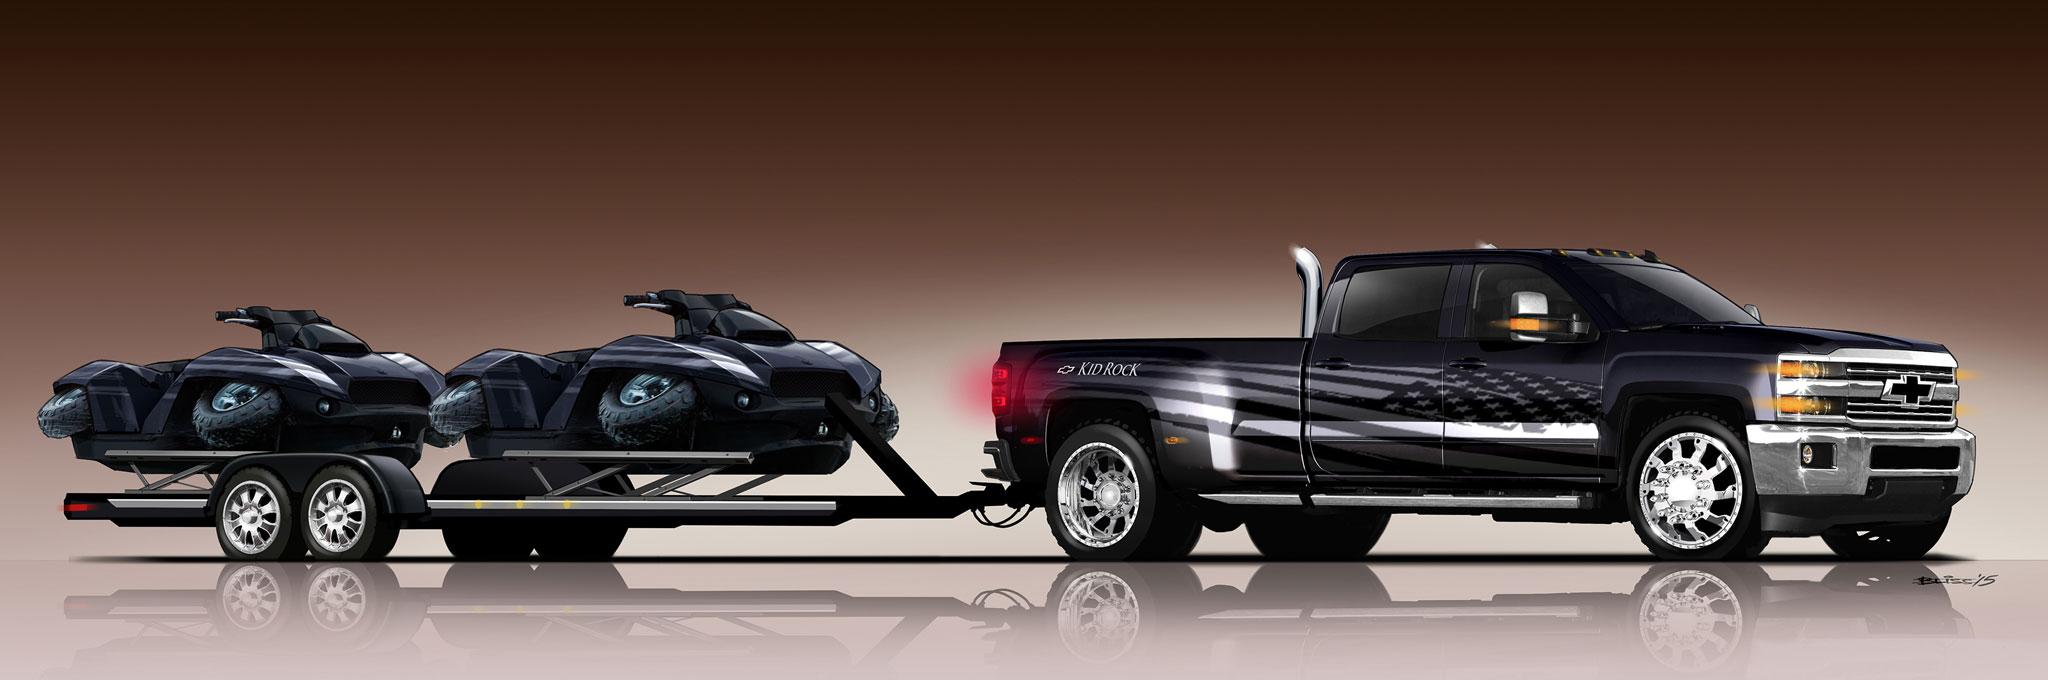 Chevrolet Silverado Kid Rock, Special Ops Concepts ...